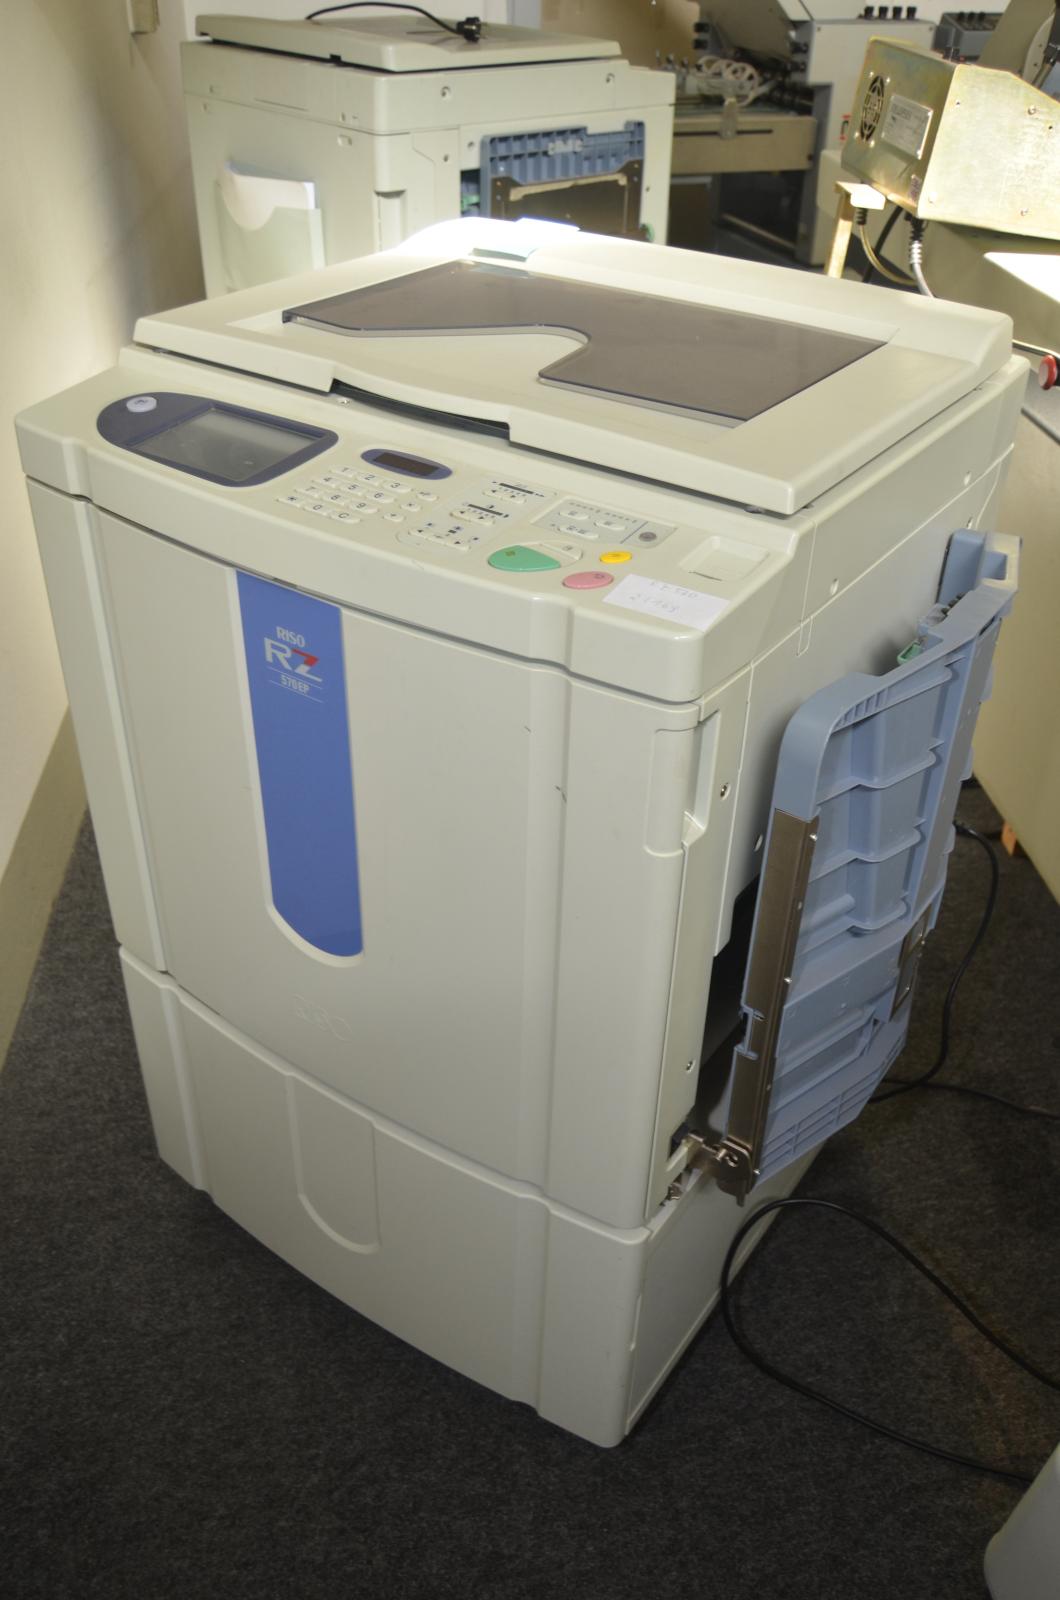 digitaldrucker riso rz570ep hochgeschwindigkeits drucker. Black Bedroom Furniture Sets. Home Design Ideas